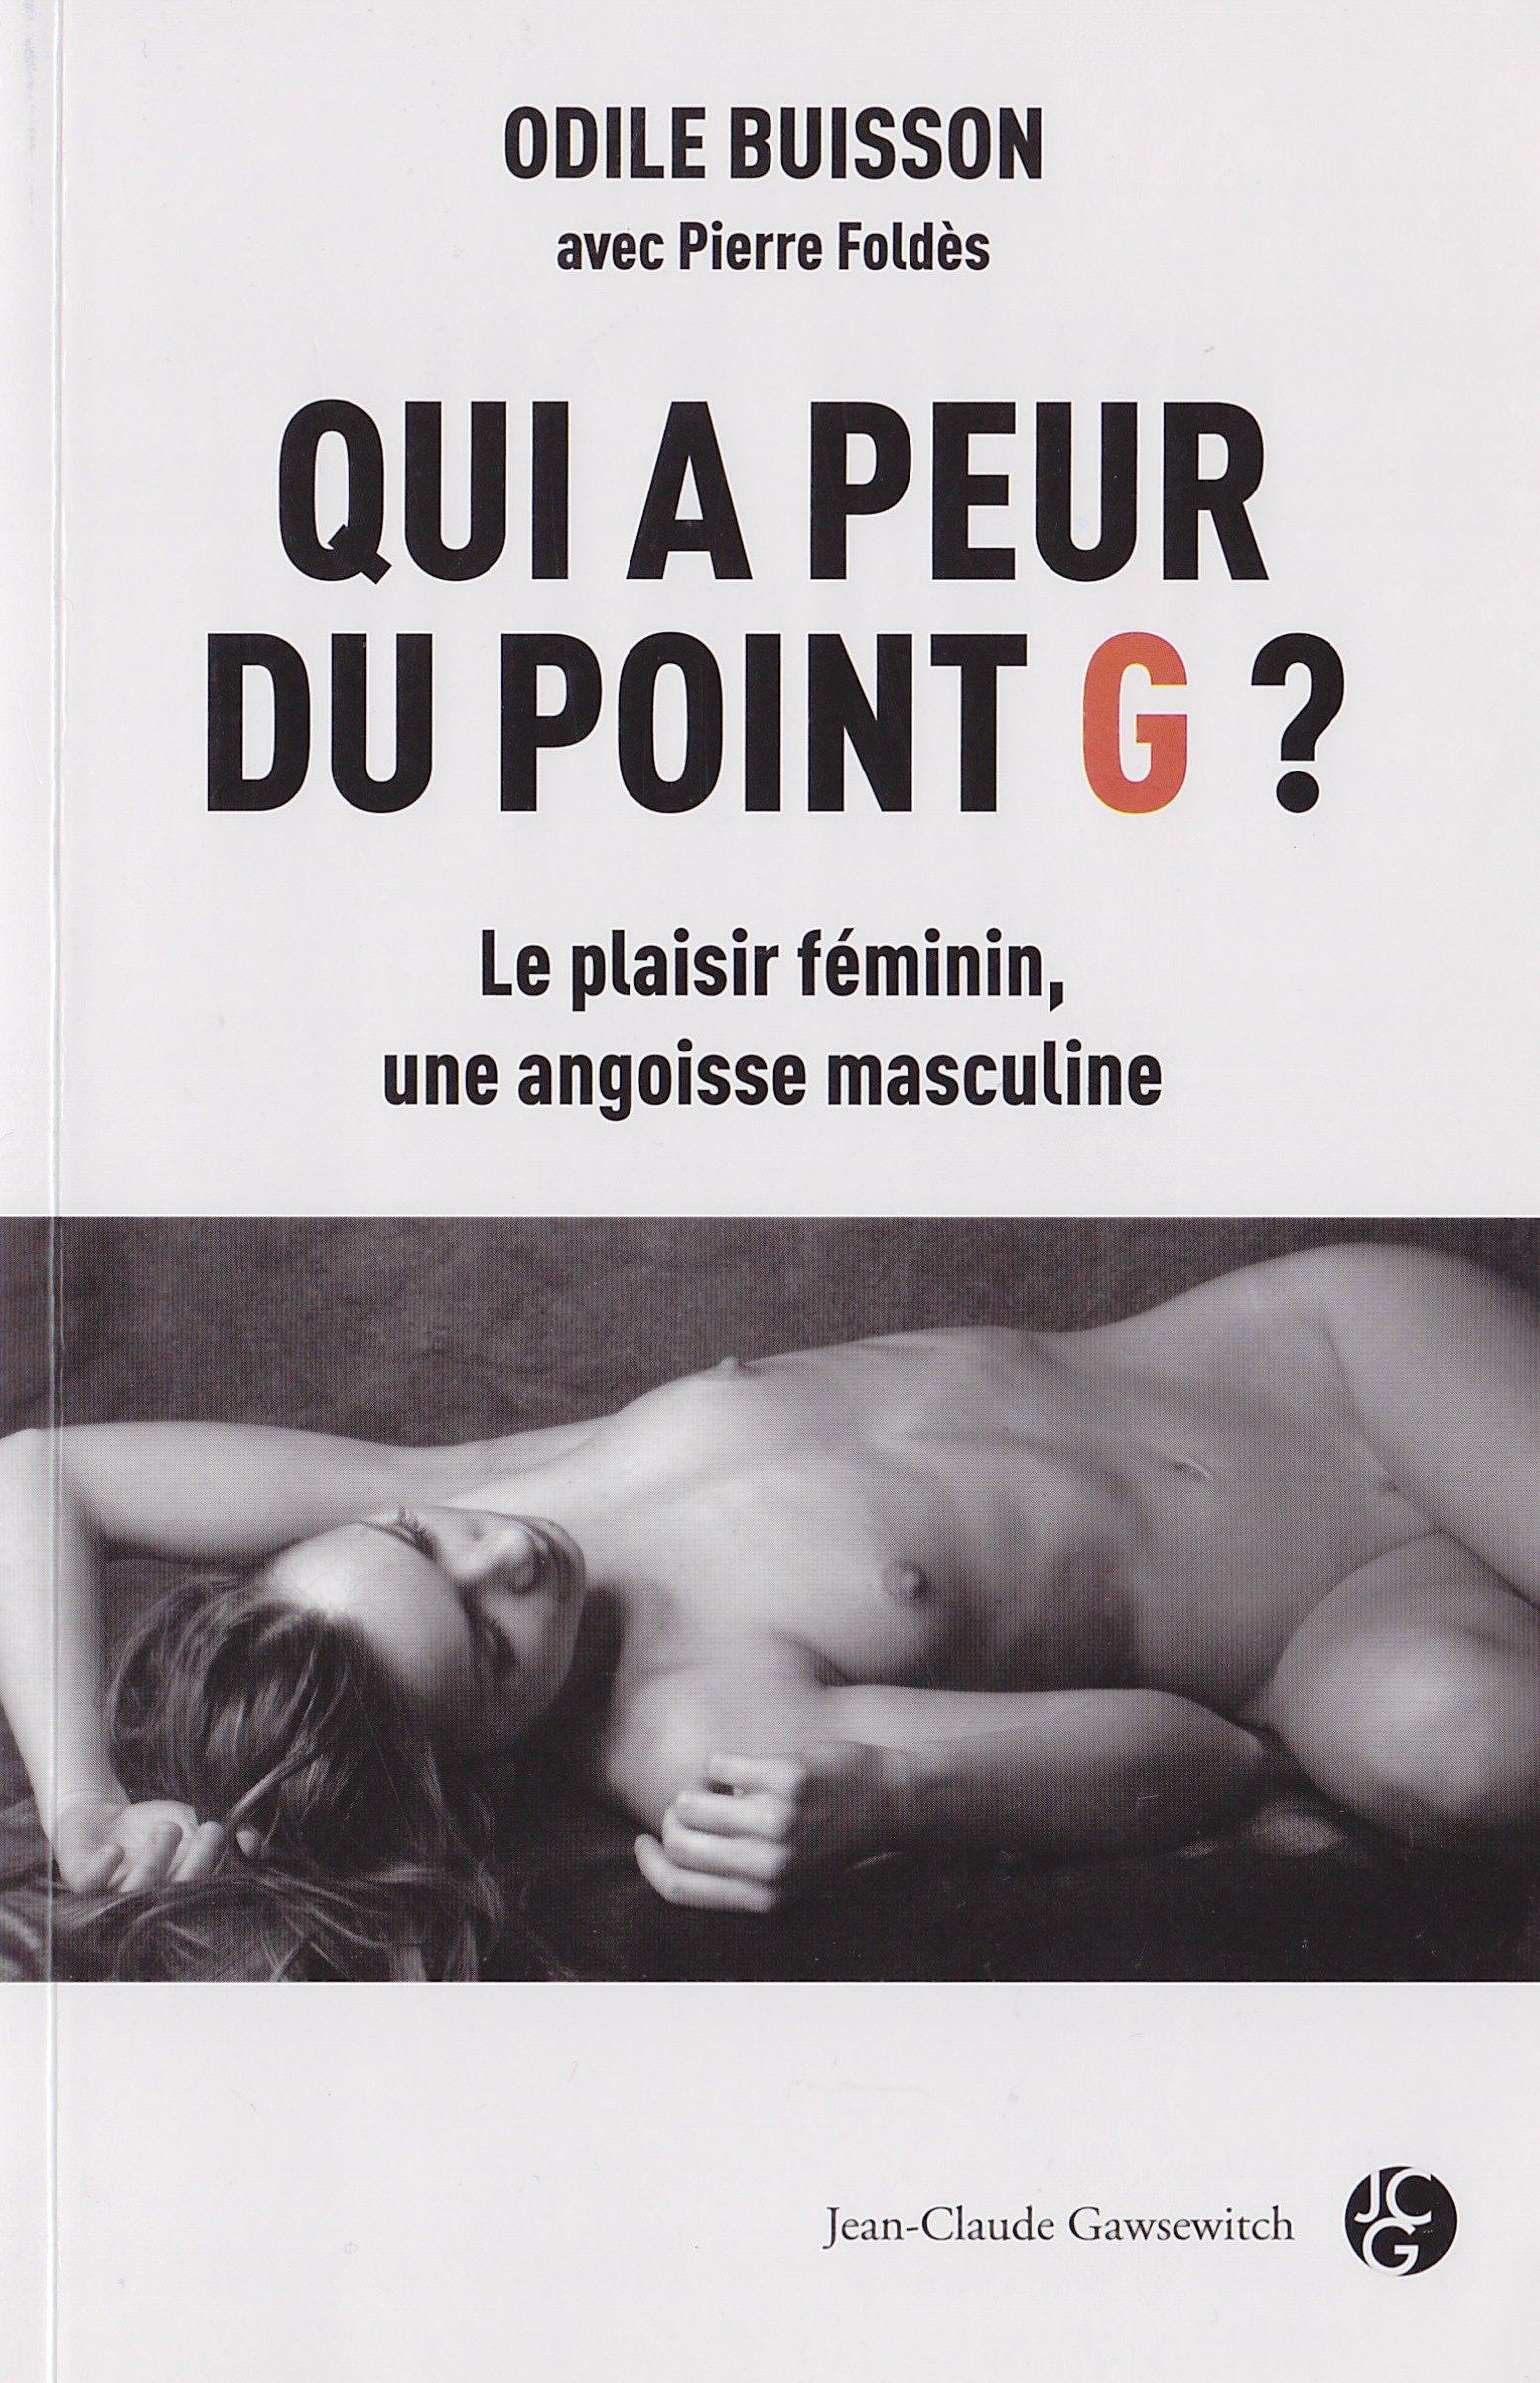 #8-Qui a peur du point G ? Odile Buisson avec Pierre Foldès